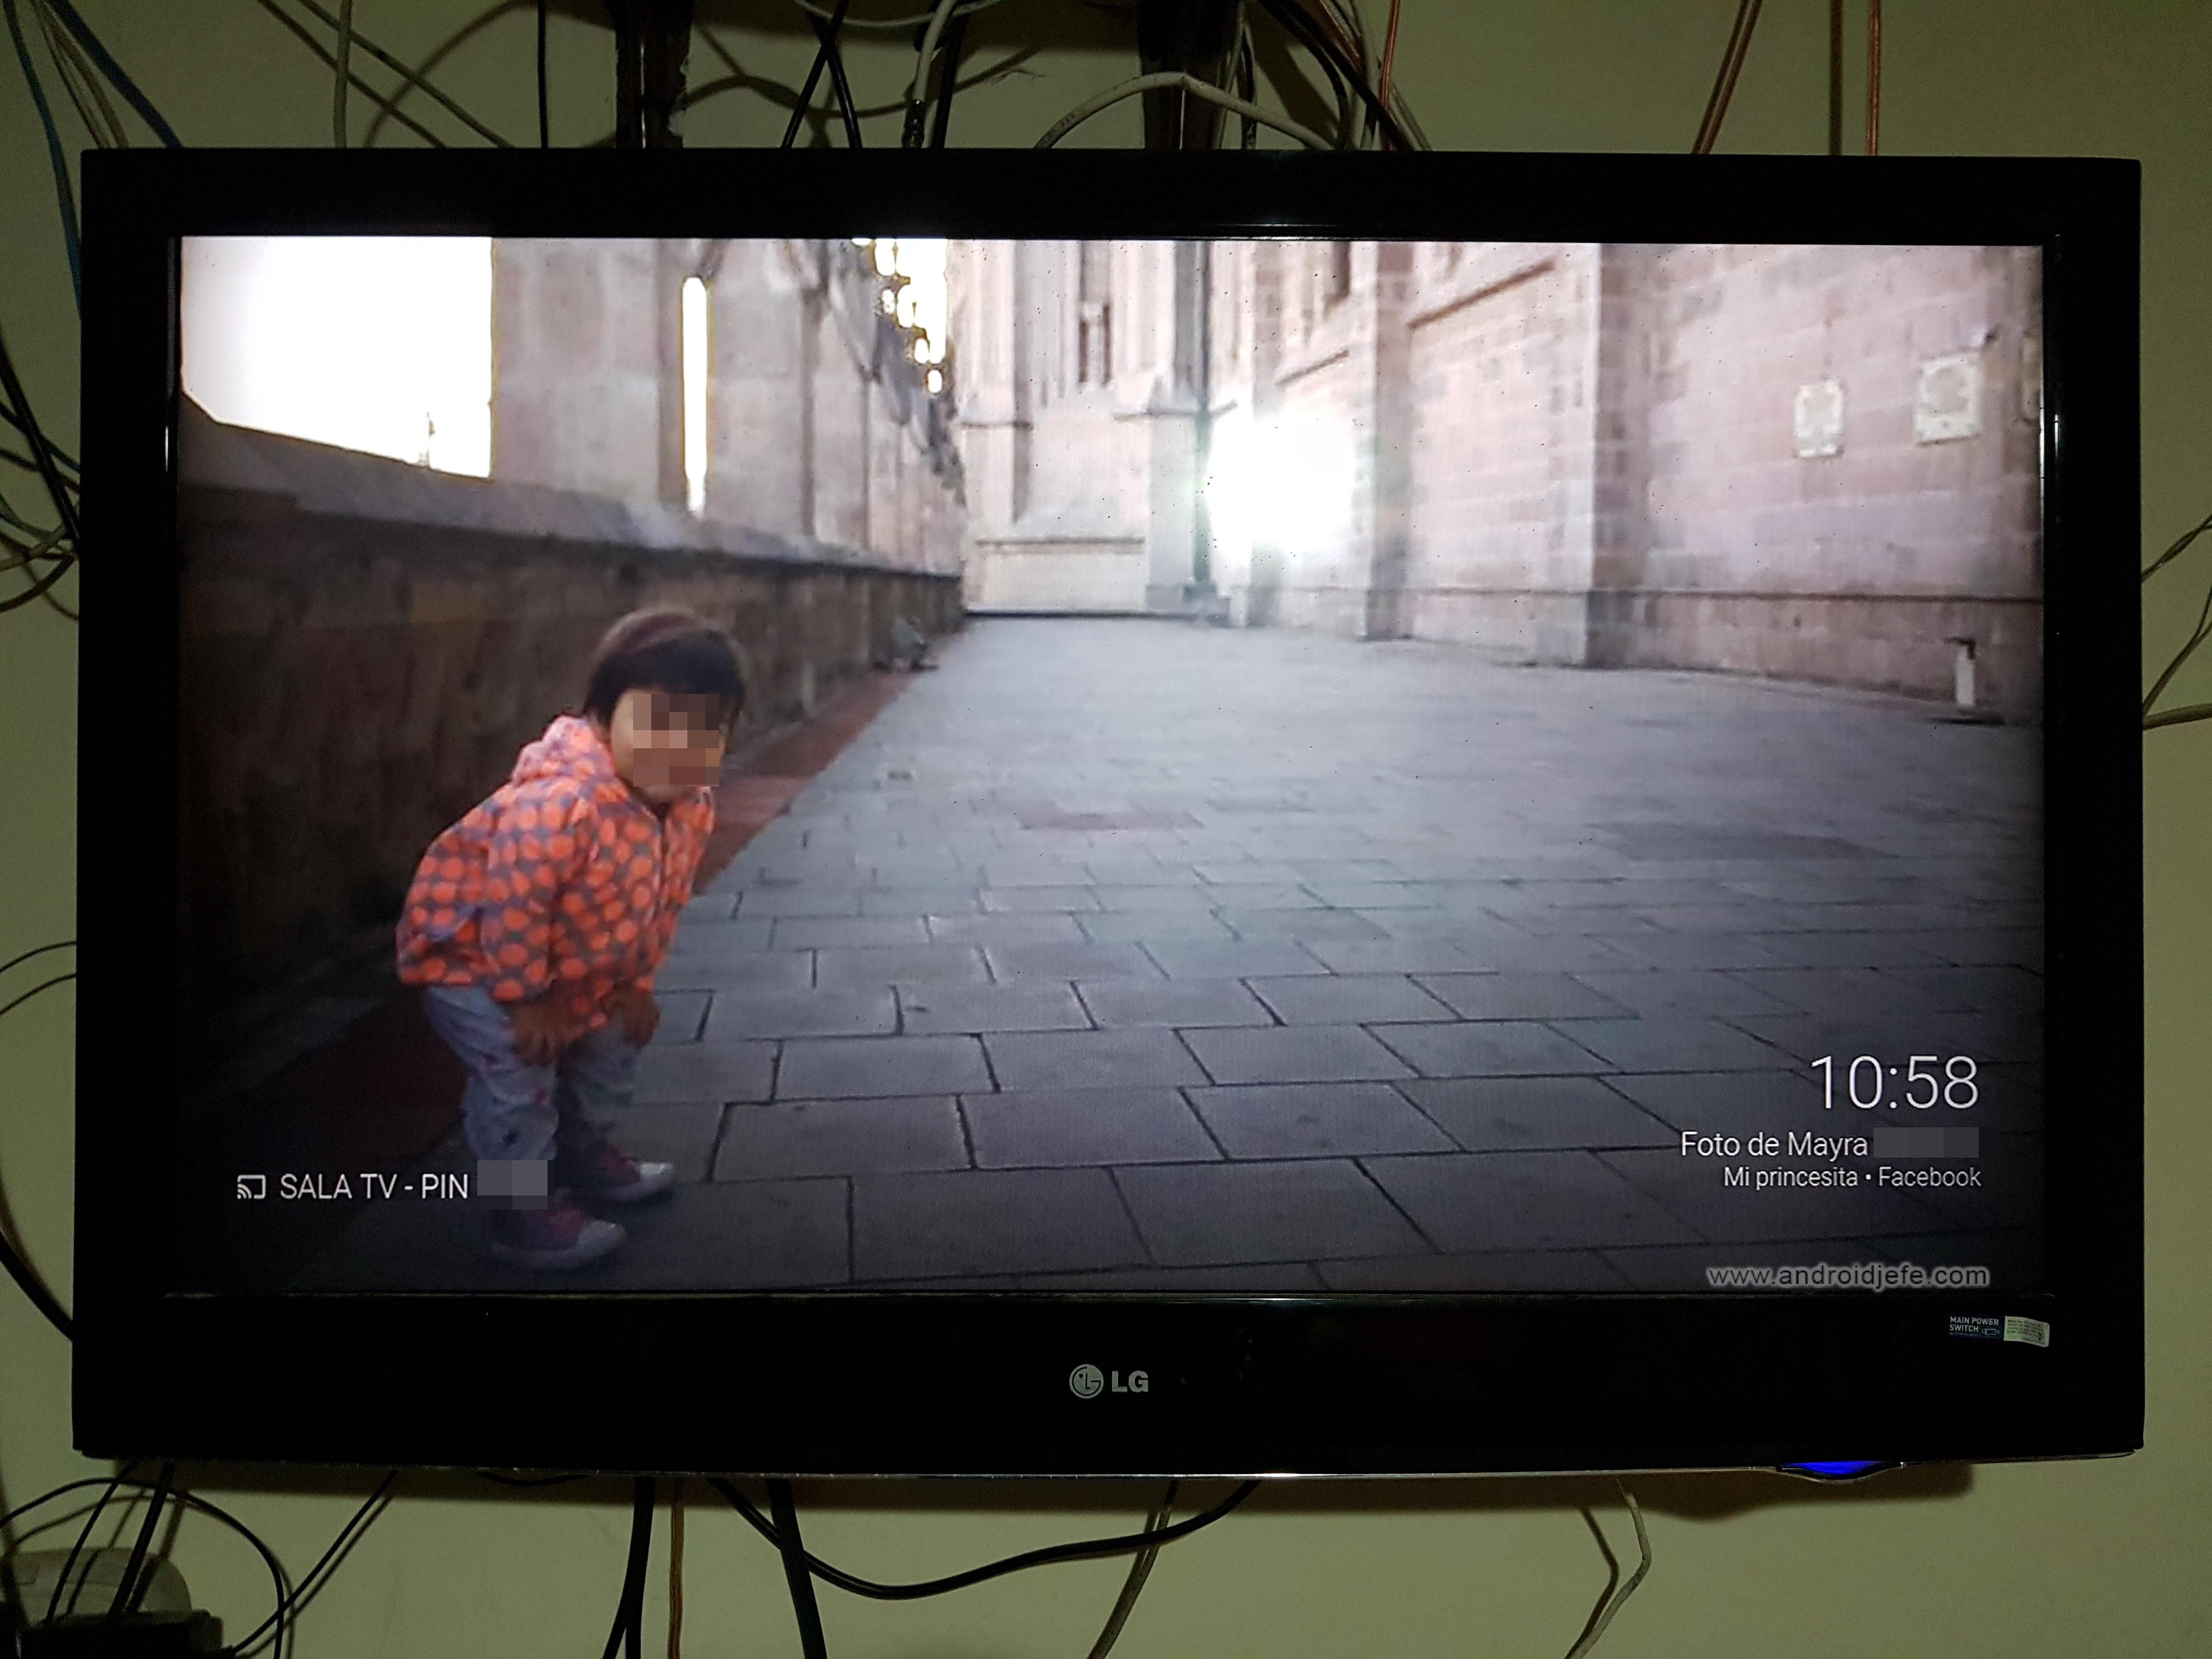 Cómo poner TUS fotos como fondo de pantalla en la TV, vía Chromecast